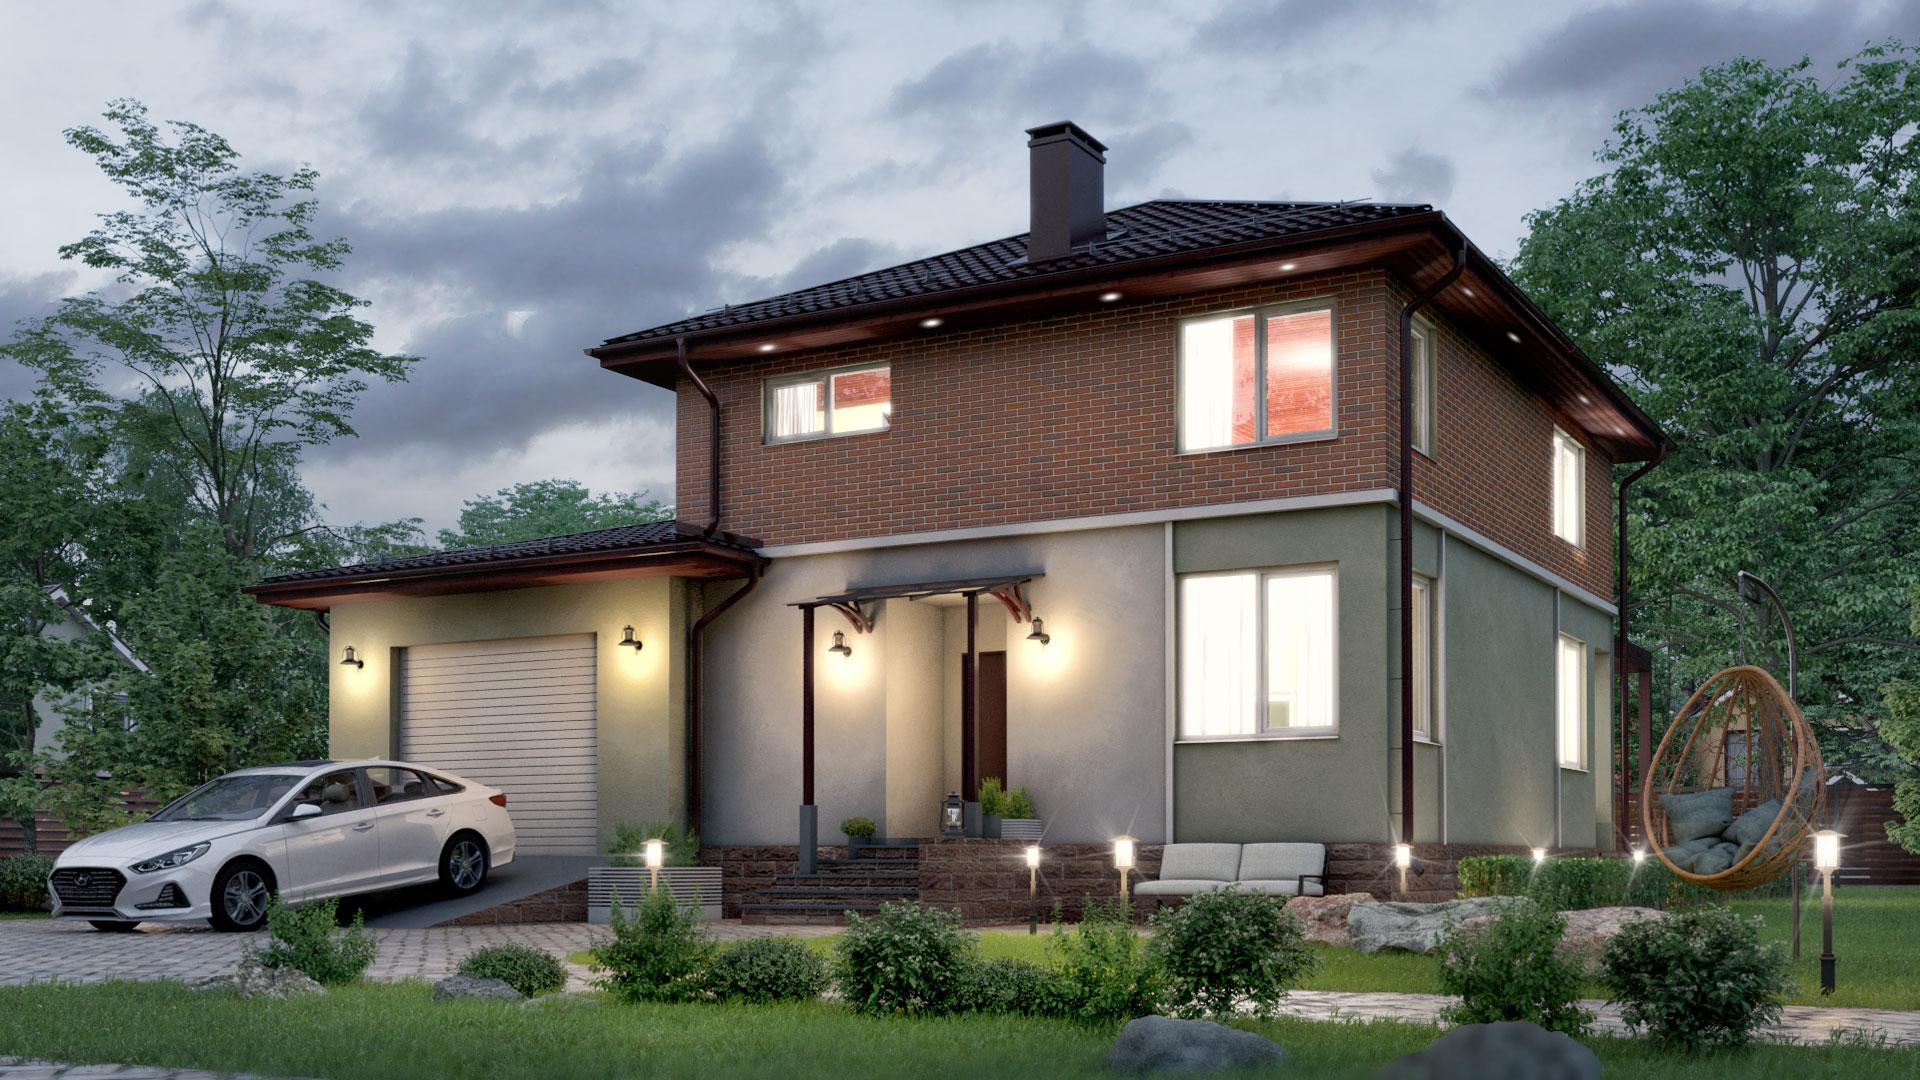 Вечернее фото загородного дома БП-185 10 на 12 метров двухэтажного.